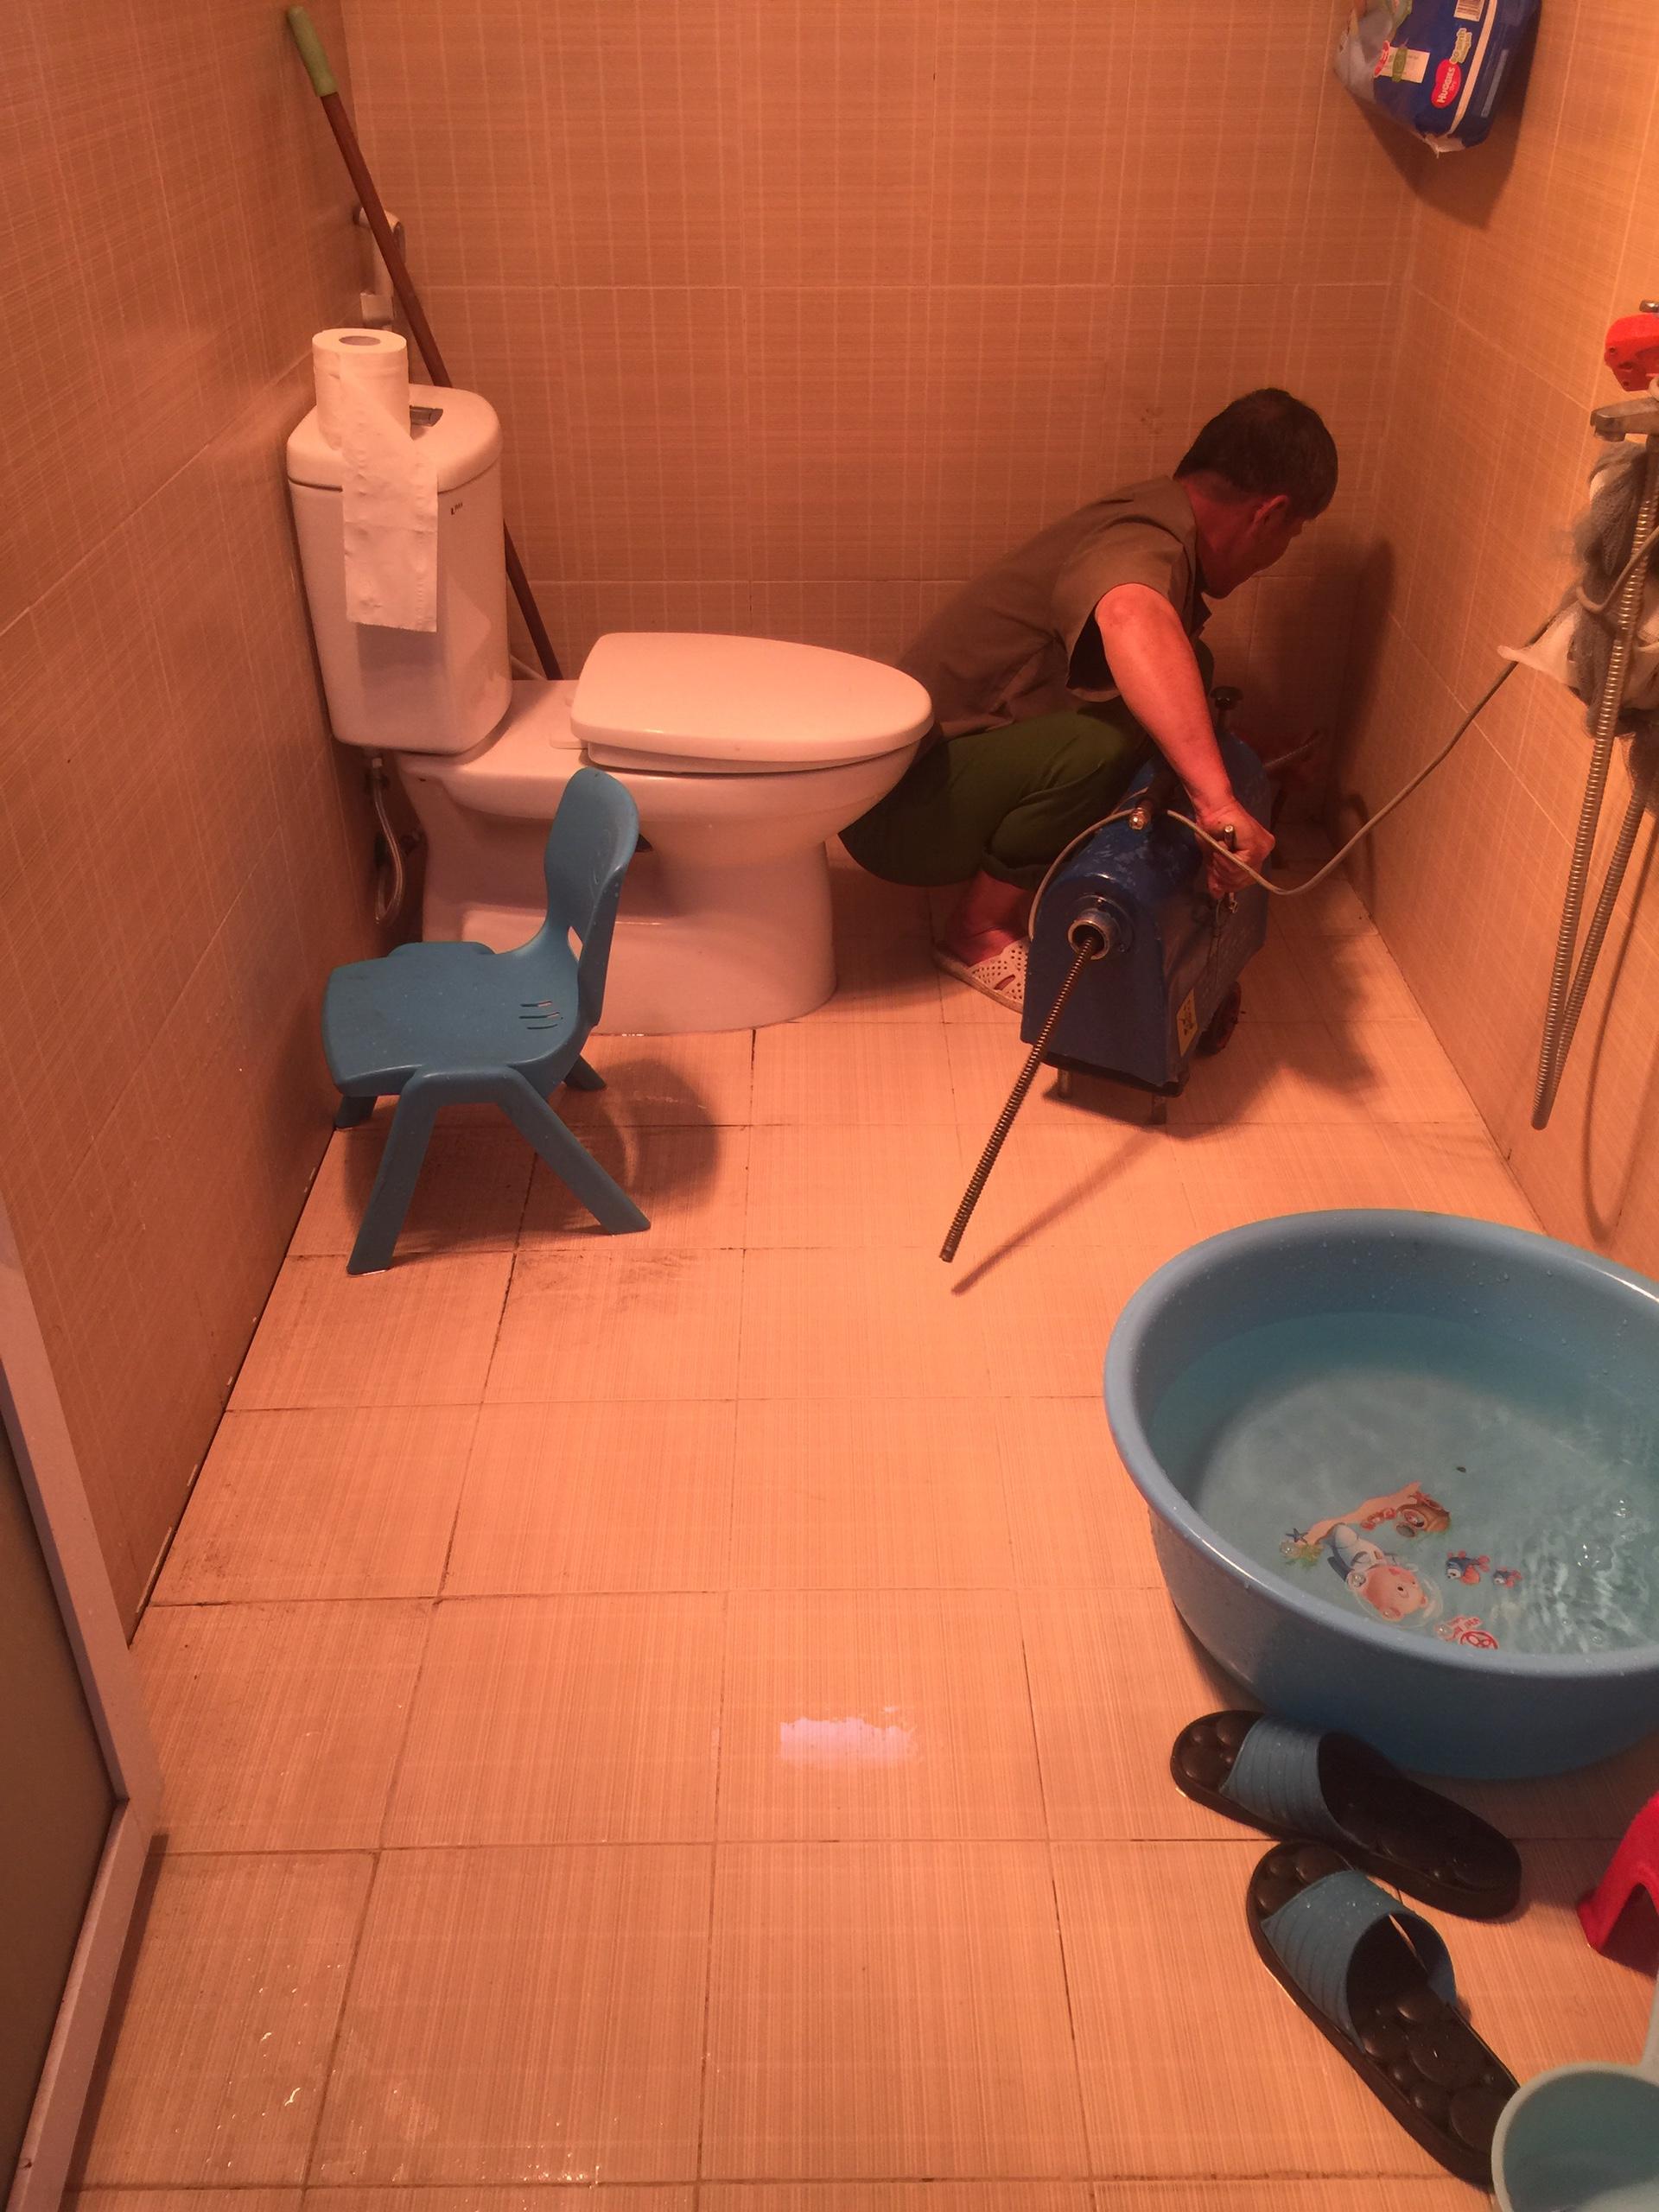 Nhân viên tiến hành xử lý tắc sàn nhà tắm chị thảo ở lộc vượng nam định